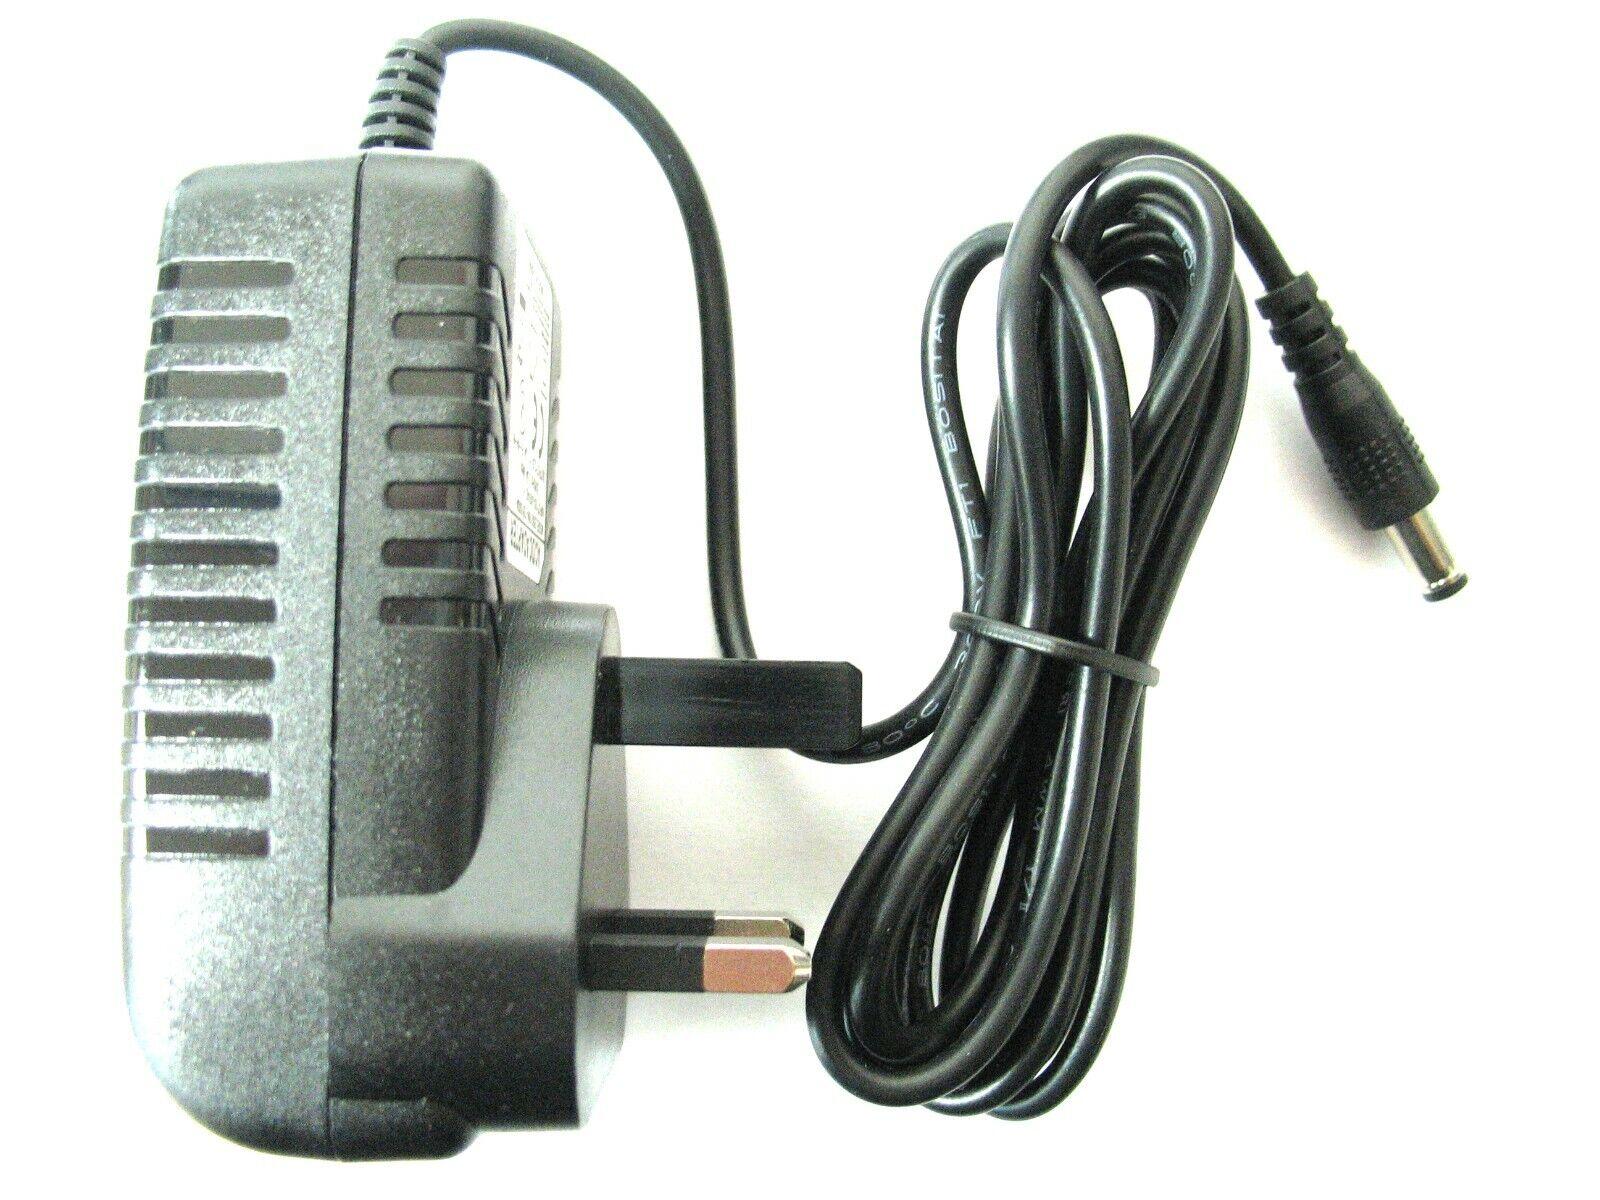 1 amp 13.5 volt AC-DC Mains Regulated Power Adaptor/Supply/Charger (13.5 watt)